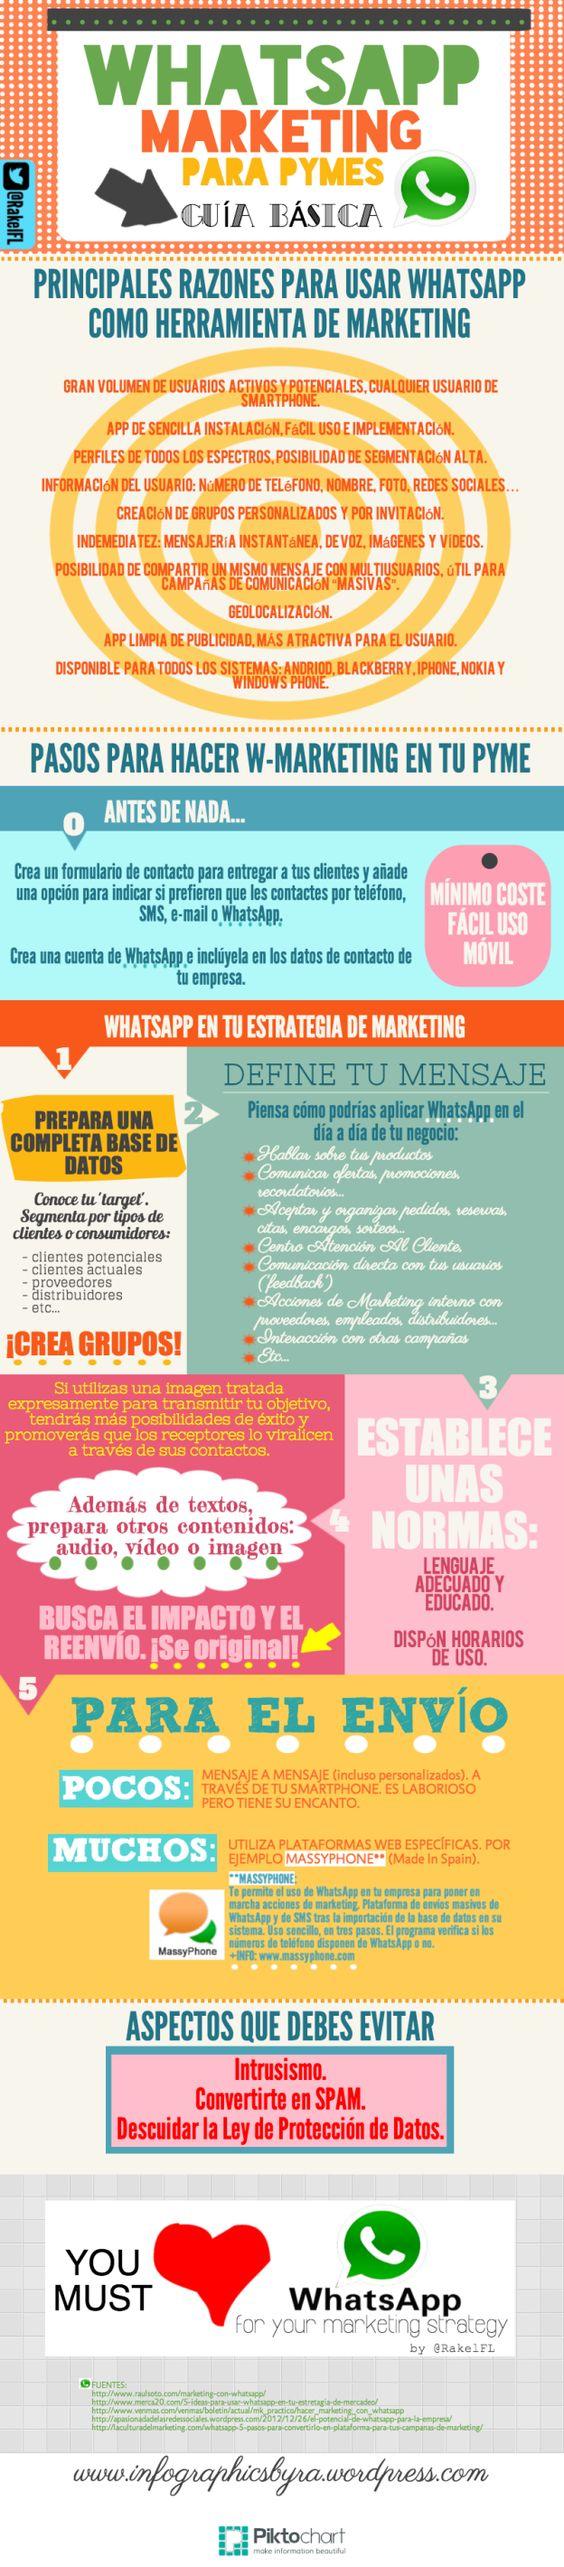 Marketing en WhatsApp para pymes. Infografía: Saca partido a Pymes